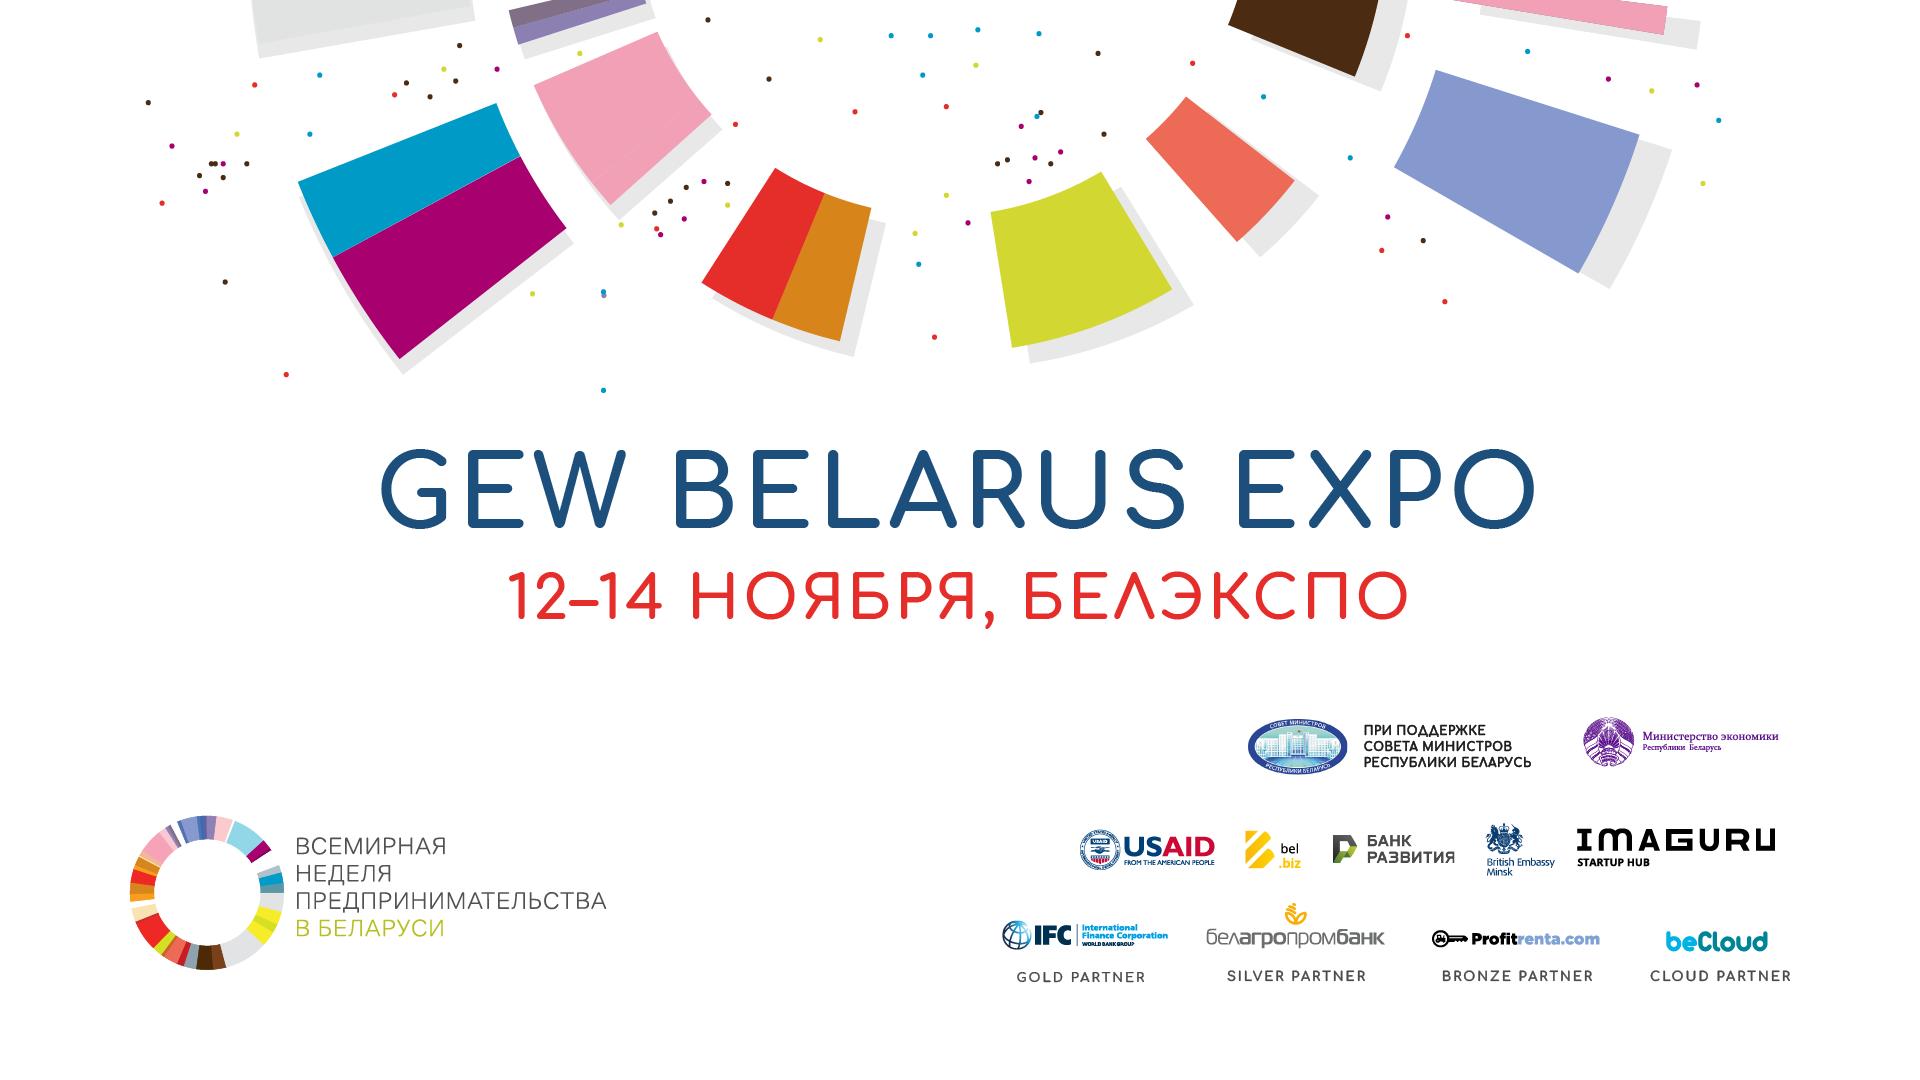 Всемирная Неделя предпринимательства приглашает в БелЭкспо 13 и 14 ноября